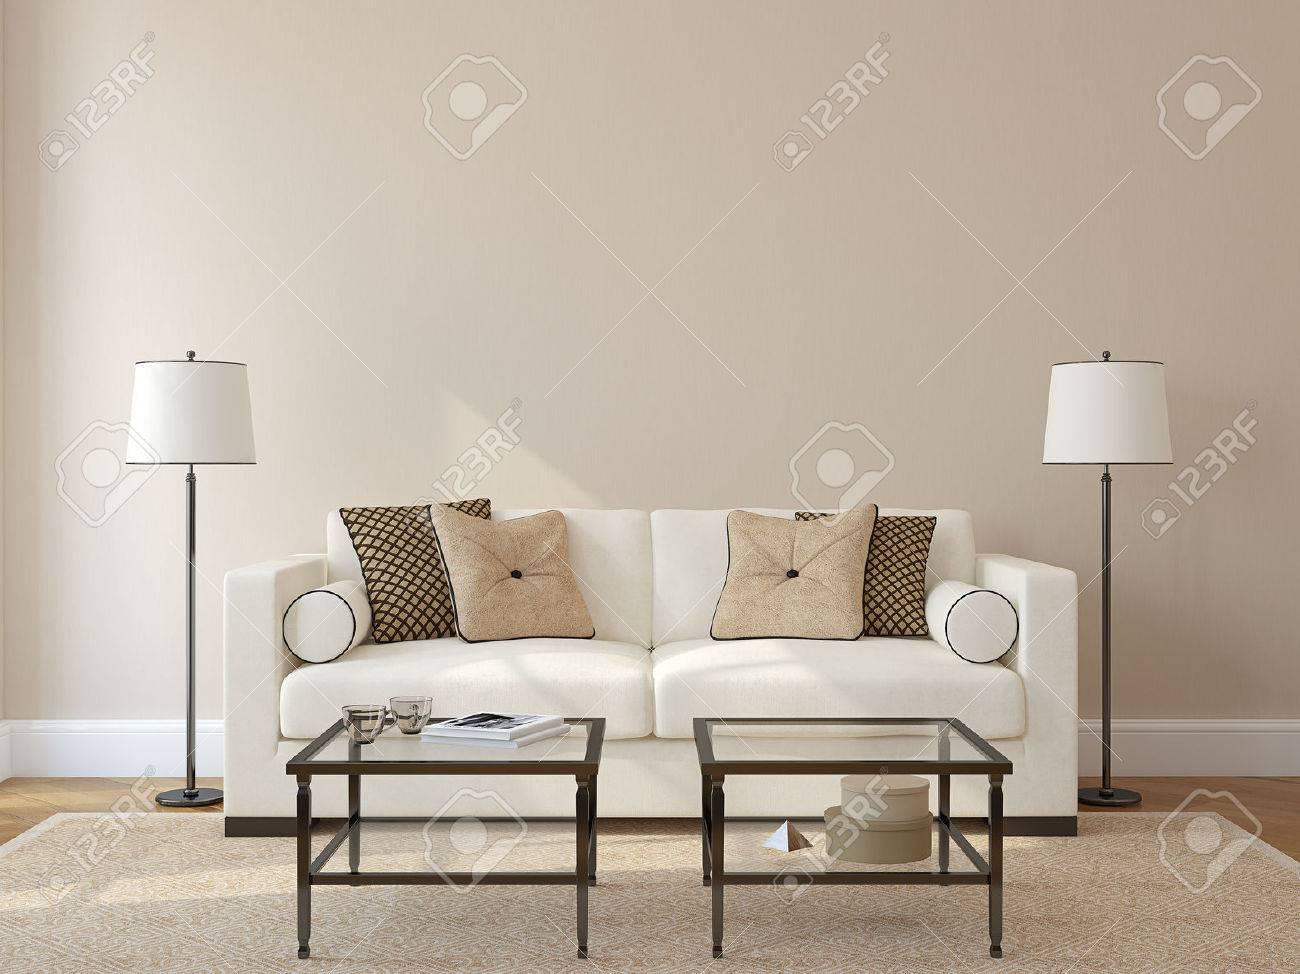 Moderne Wohnzimmer Interieur Mit Weißen Couch In Der Nähe Leer Beige ...